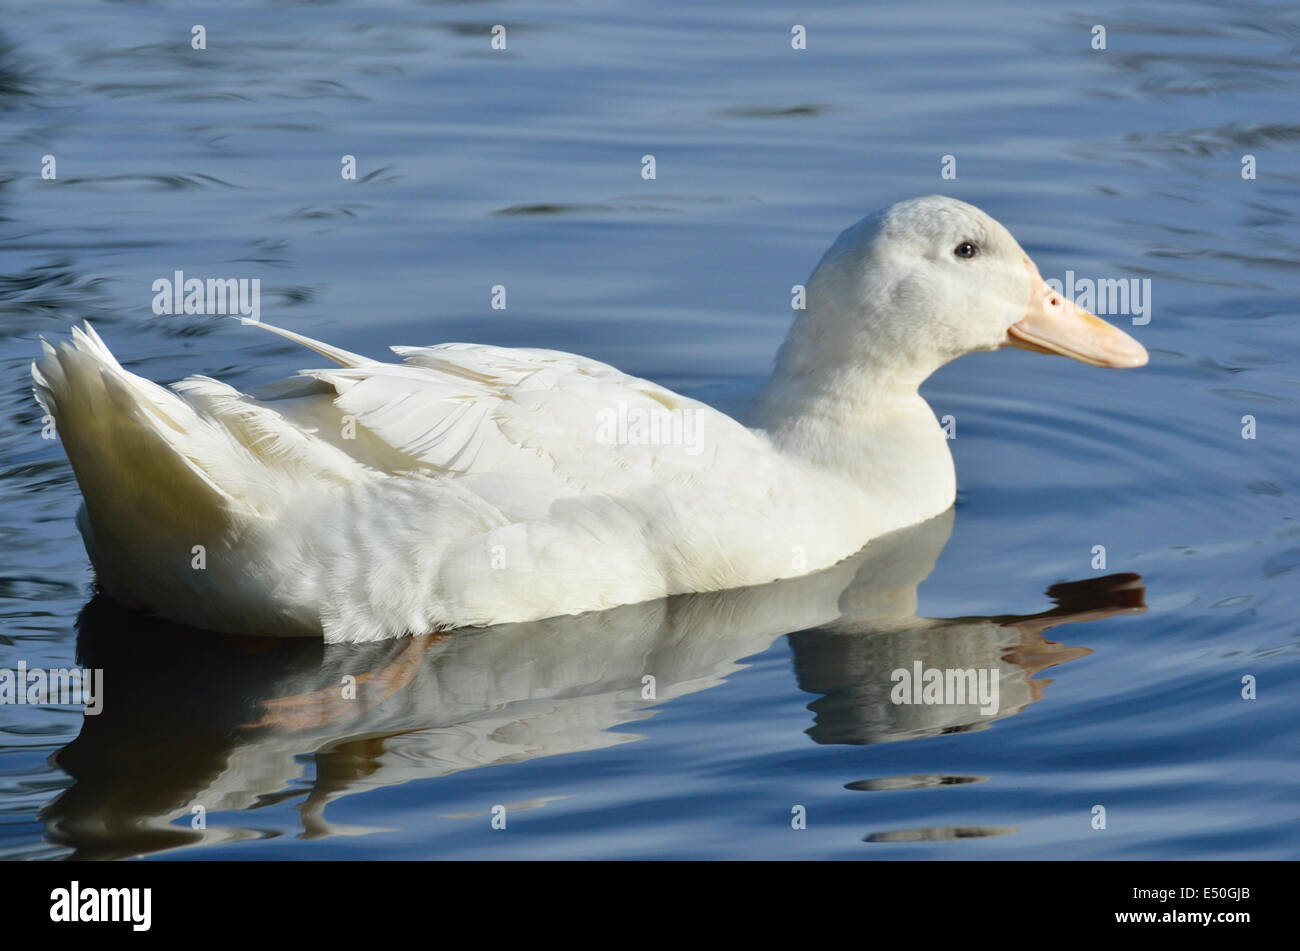 Aylesbury duck - Stock Image